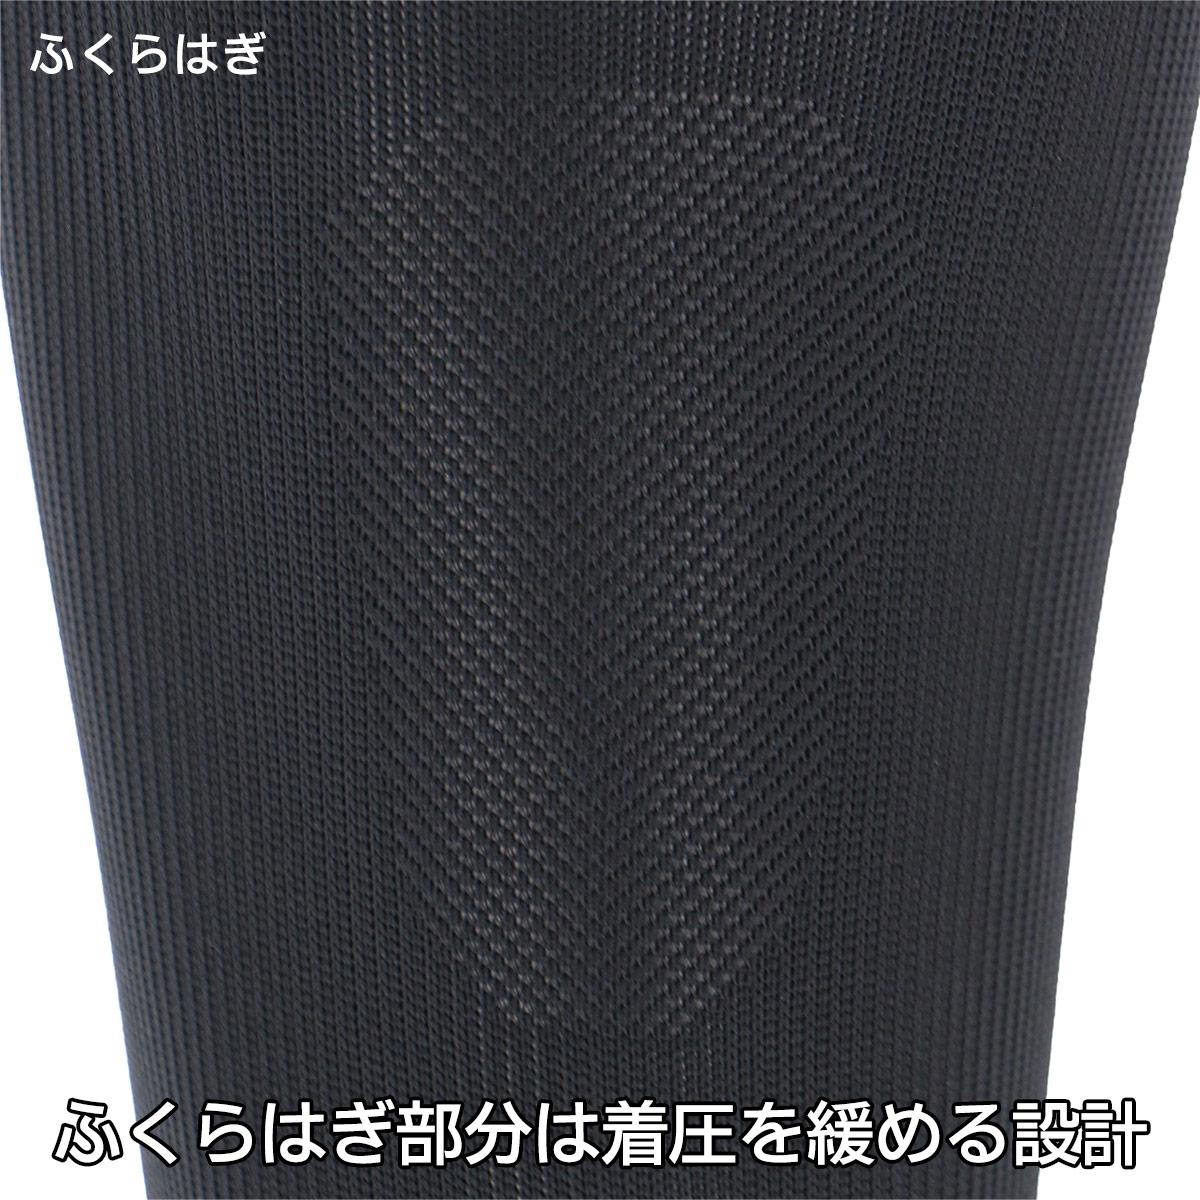 【ふくらはぎ用】KARADAファクトリー(カラダファクトリー) 足首 ひざ下 サポート ふくらはぎ専用サポーター メンズ 男性 紳士 段階着圧